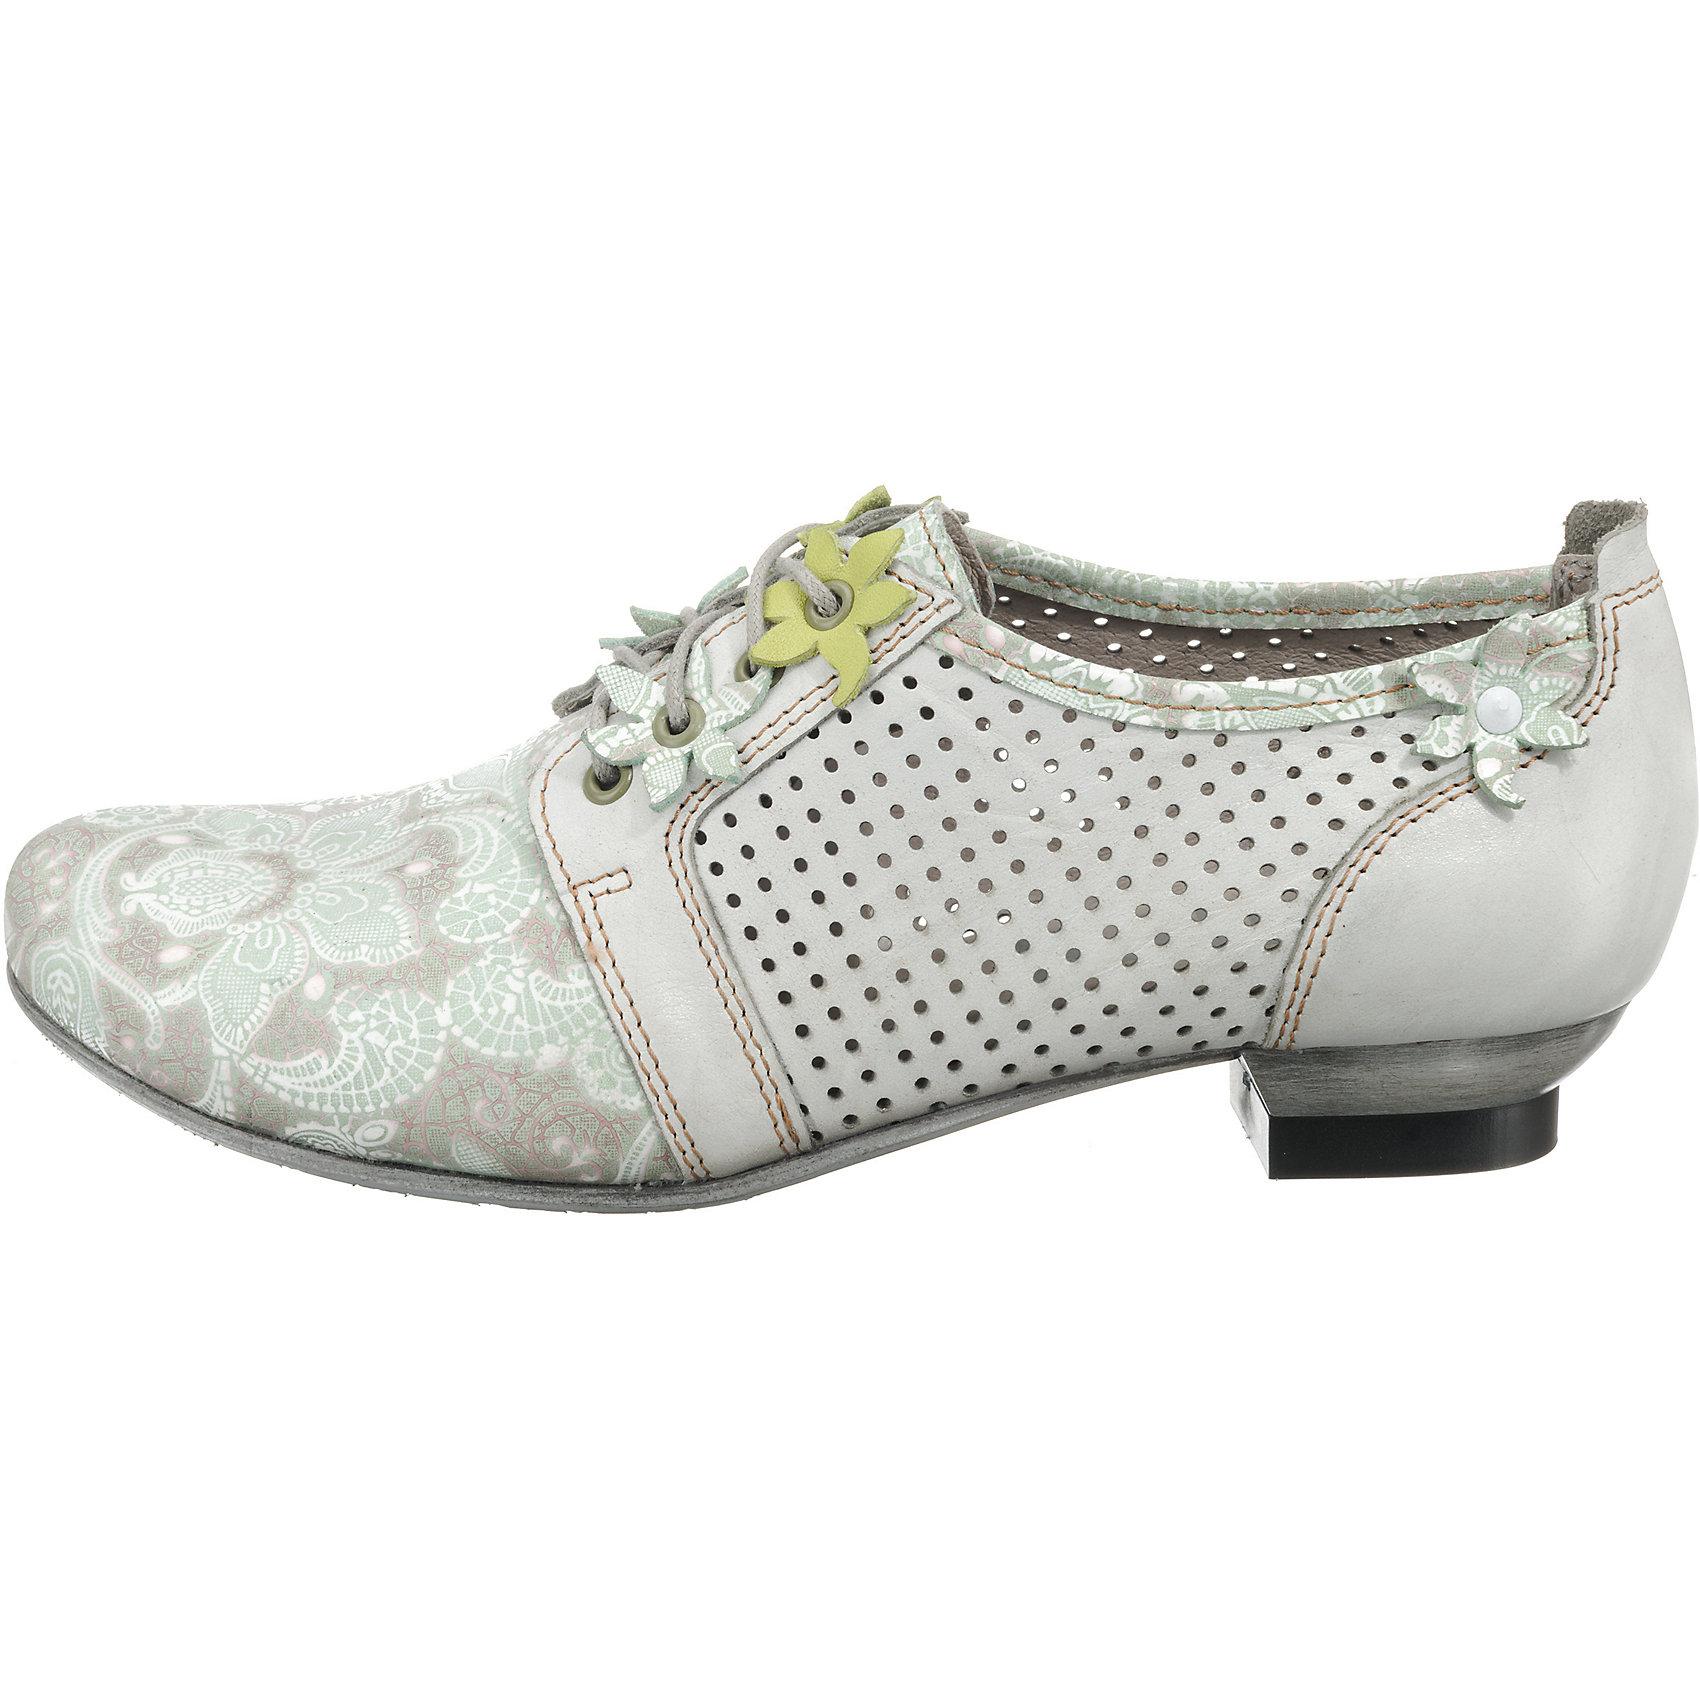 Neu SIMEN Schnürpumps 7930204 für Damen weiß/grau